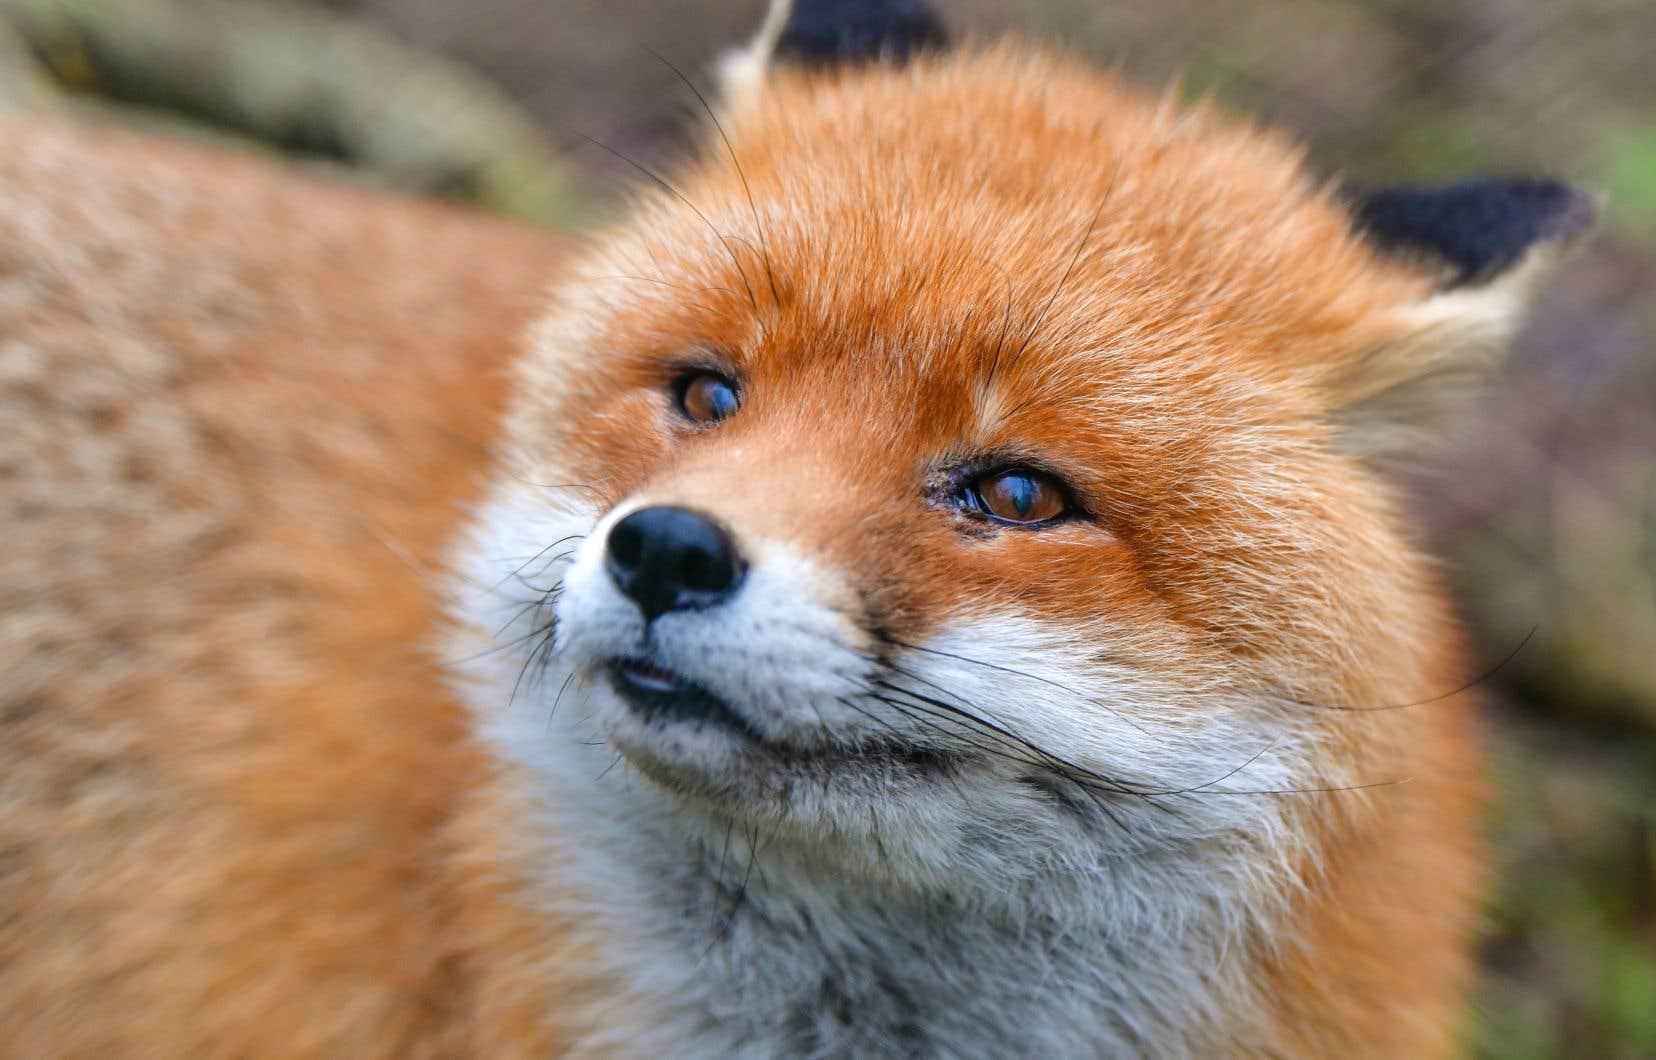 Une expérience débutée il y a 60 ans sur des renards roux a permis de découvrir des gènes impliqués dans l'agressivité et la domestication.